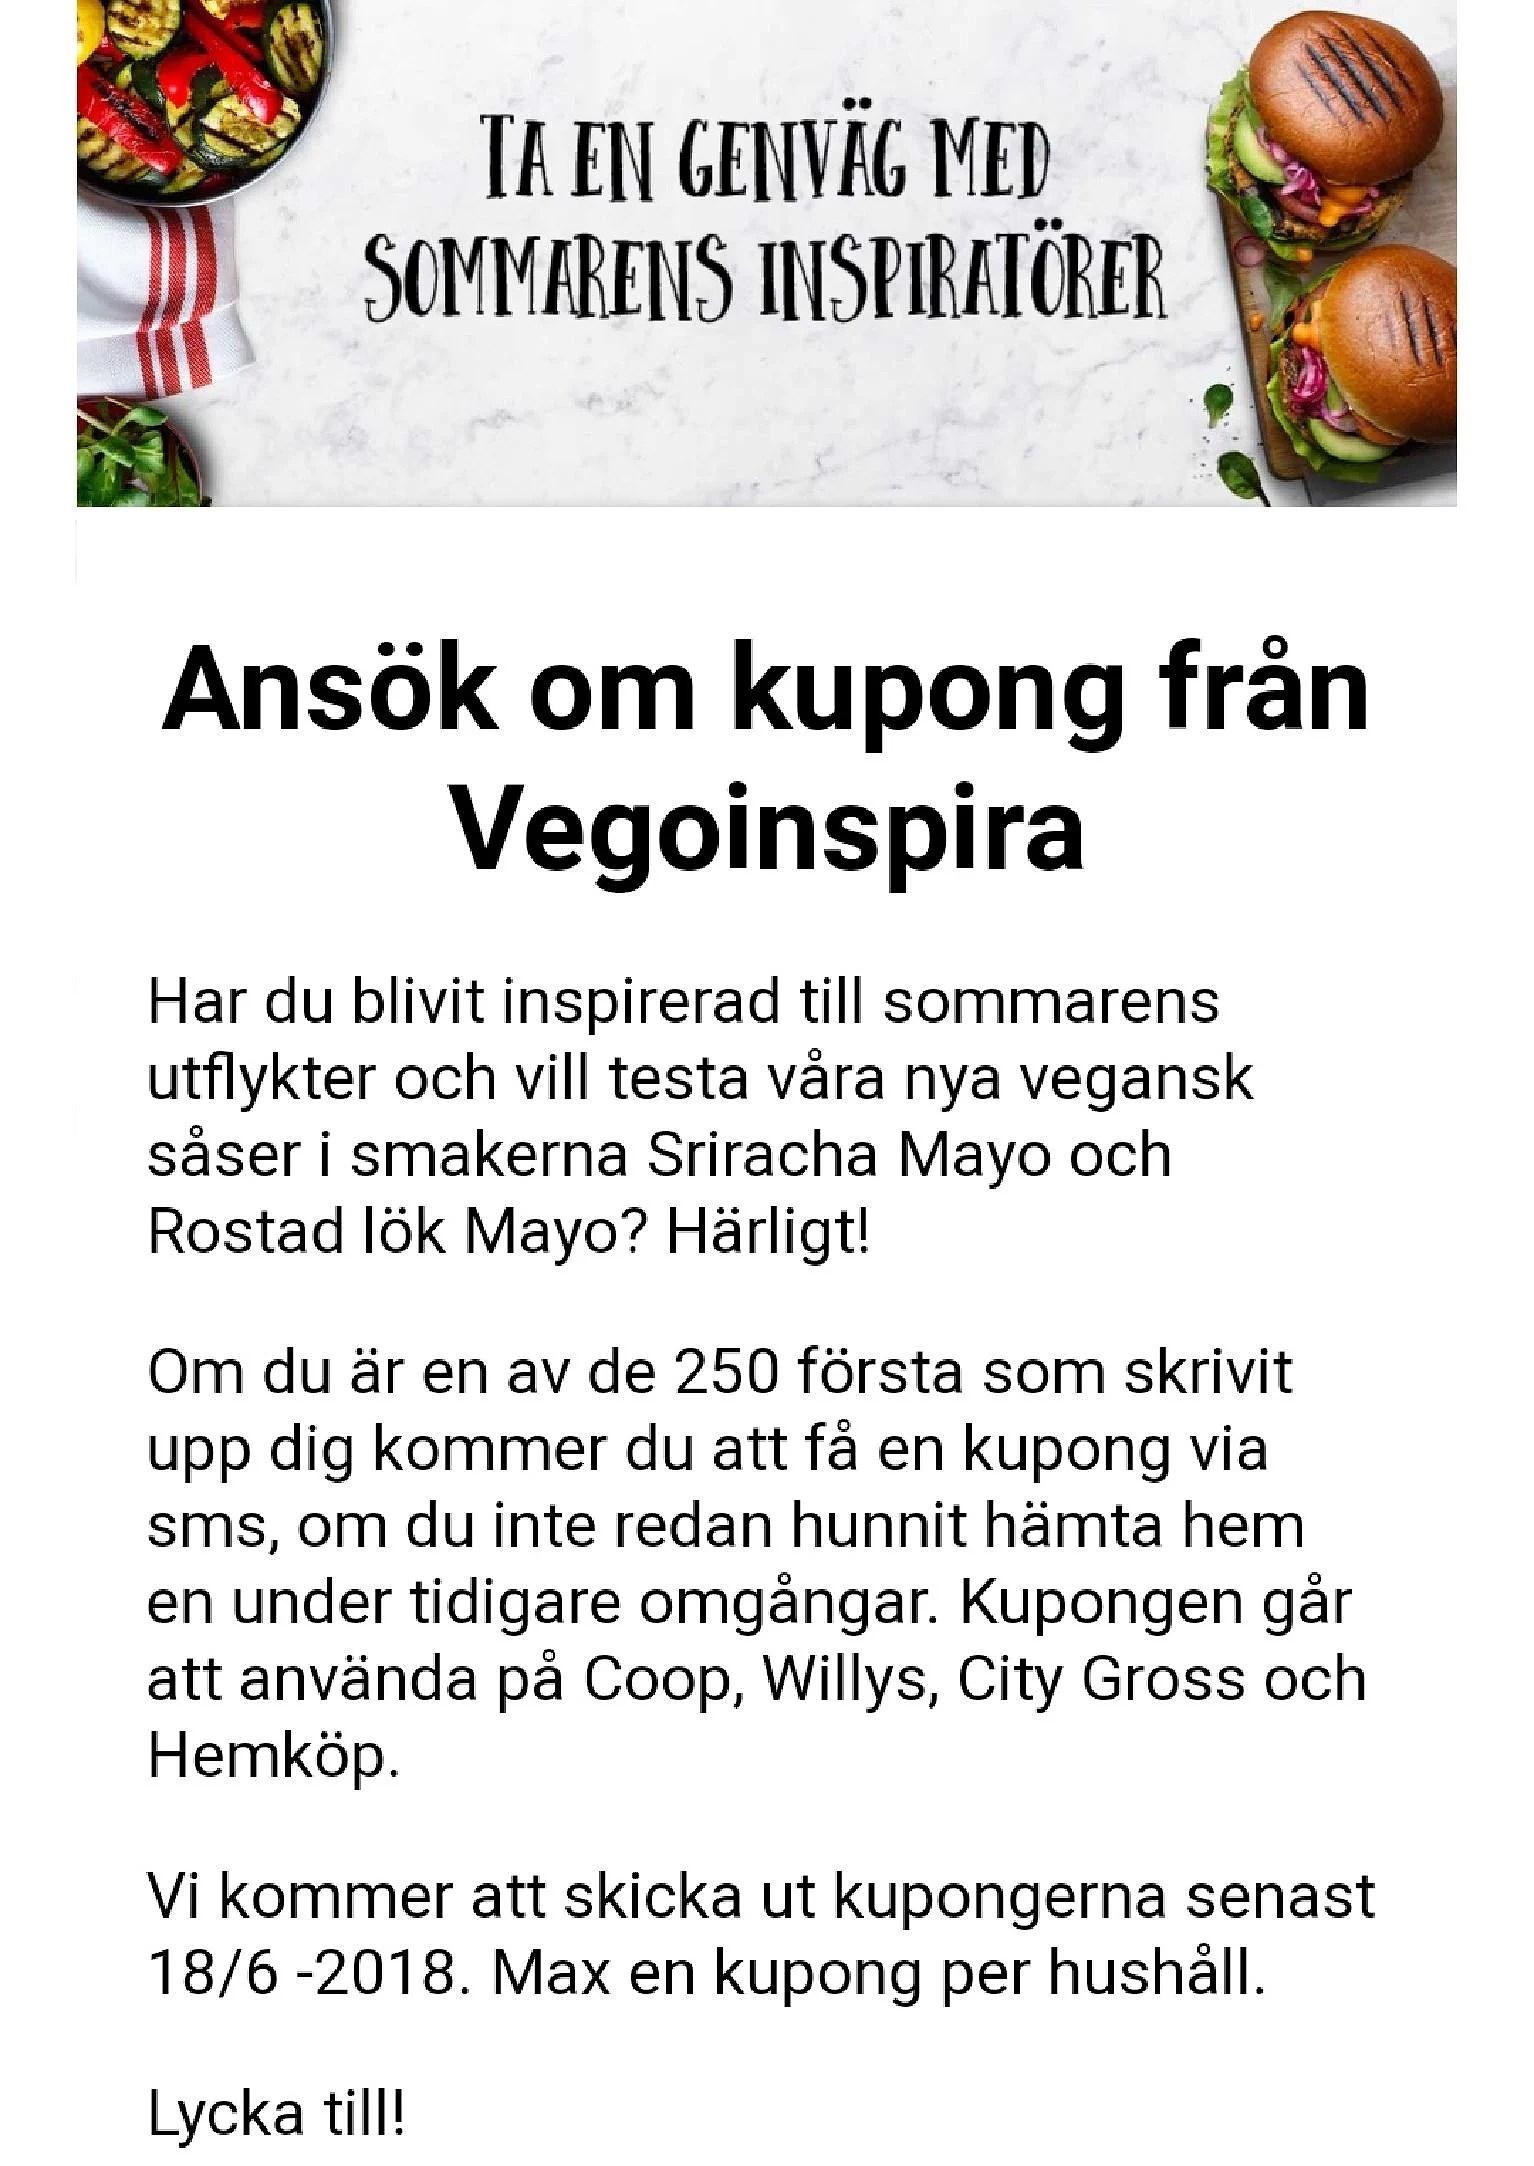 Utdelning av Rydbergs sås nu